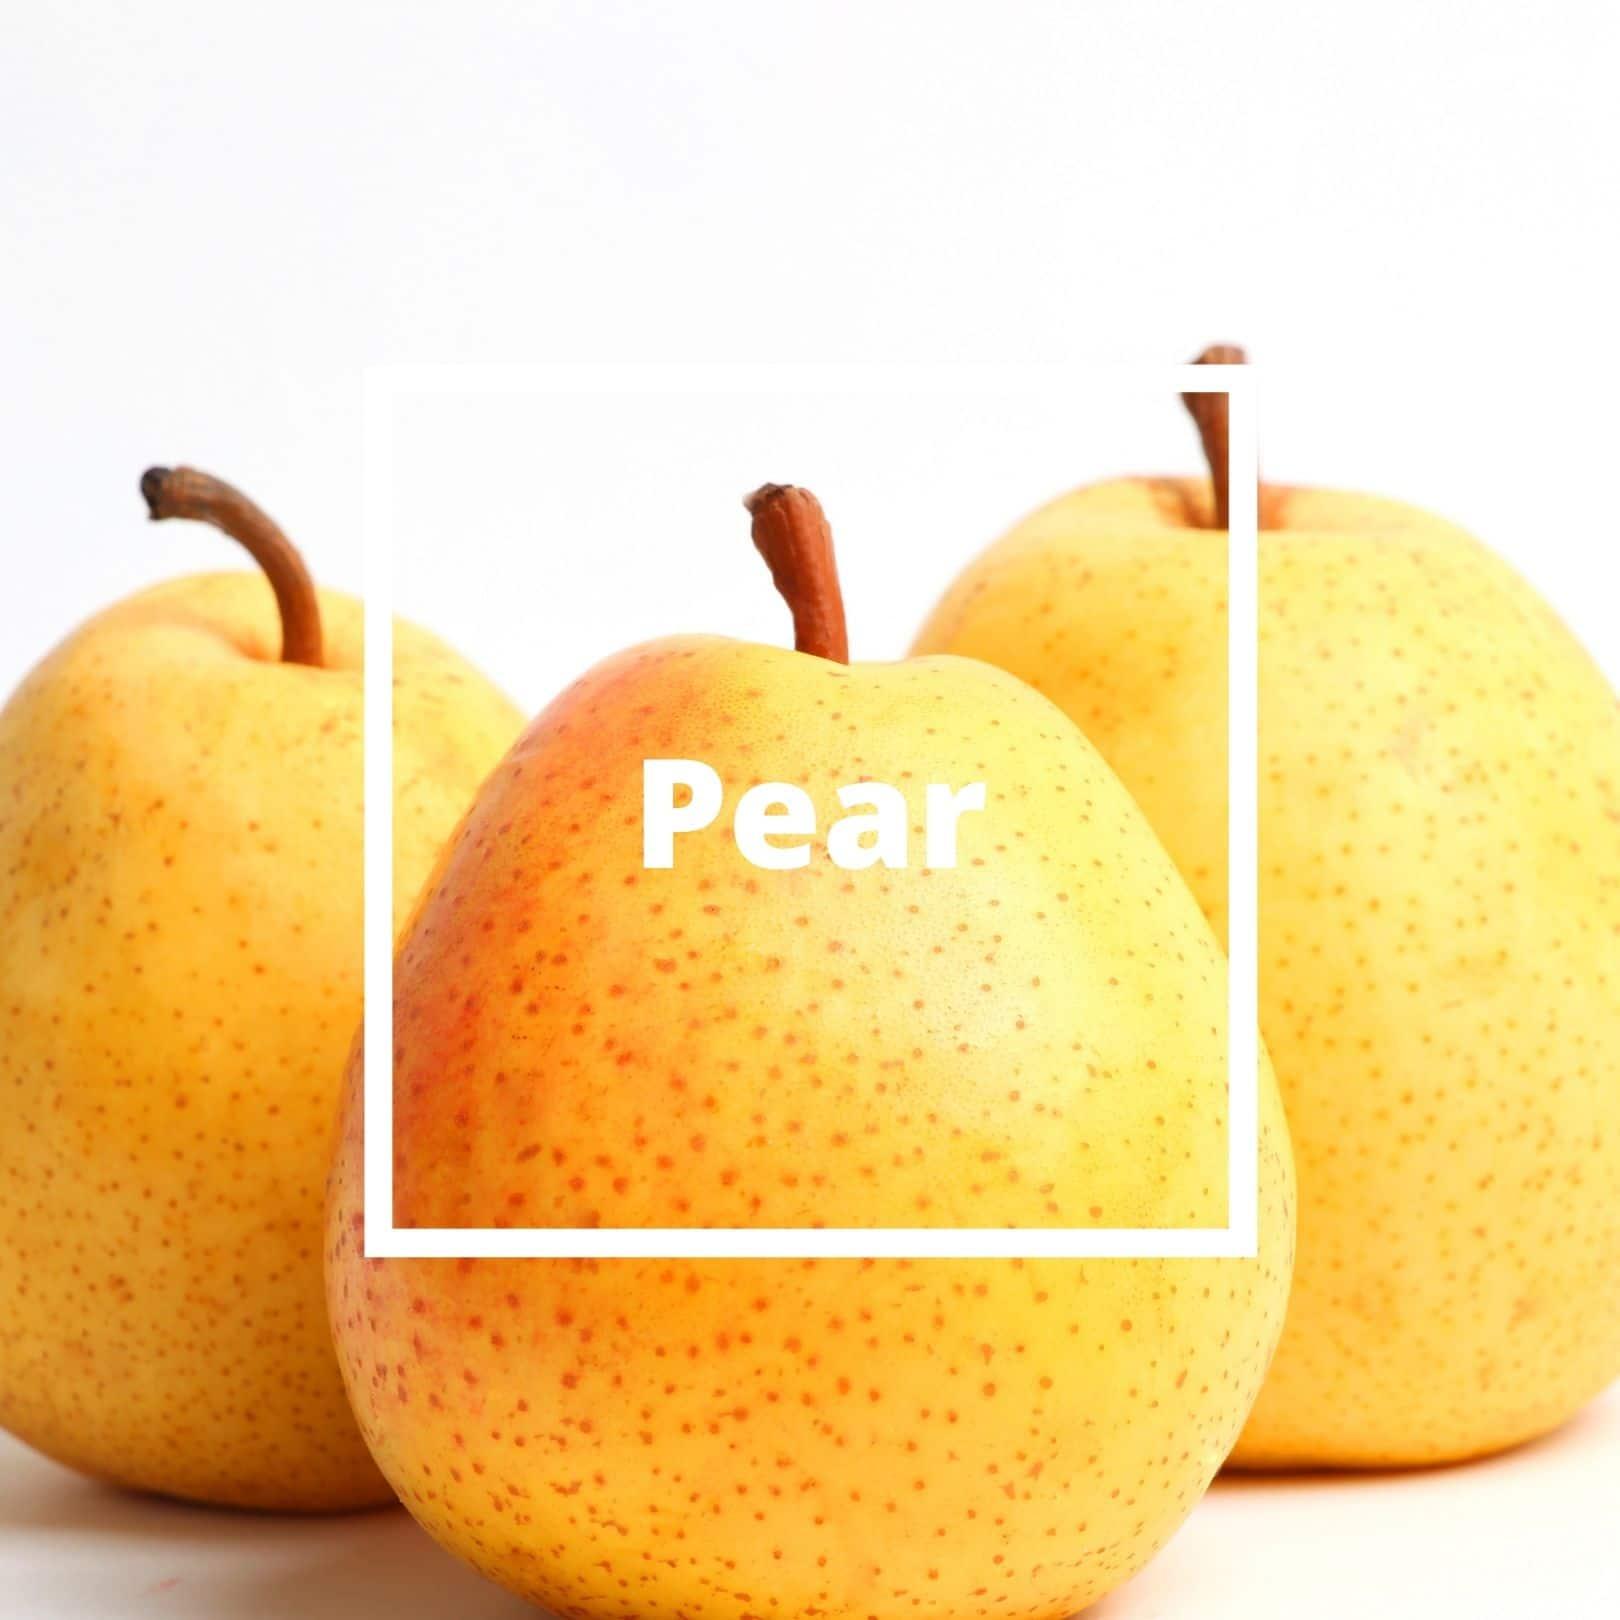 L'ATELIERO - Pear - Belle Mademoiselle